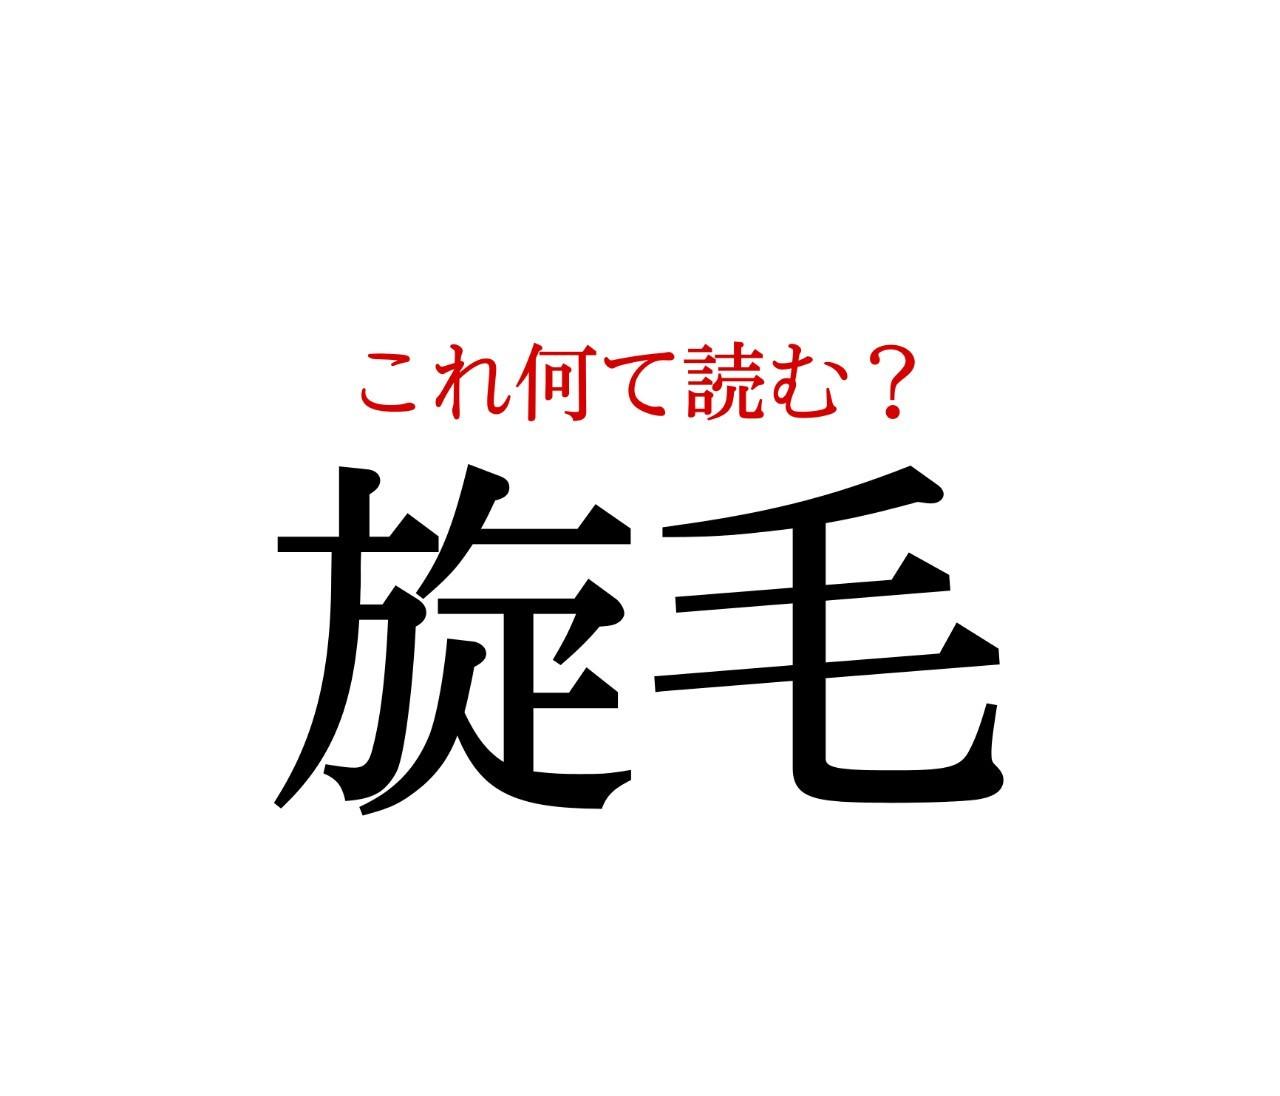 「旋毛」:この漢字、自信を持って読めますか?【働く大人の漢字クイズvol.202】